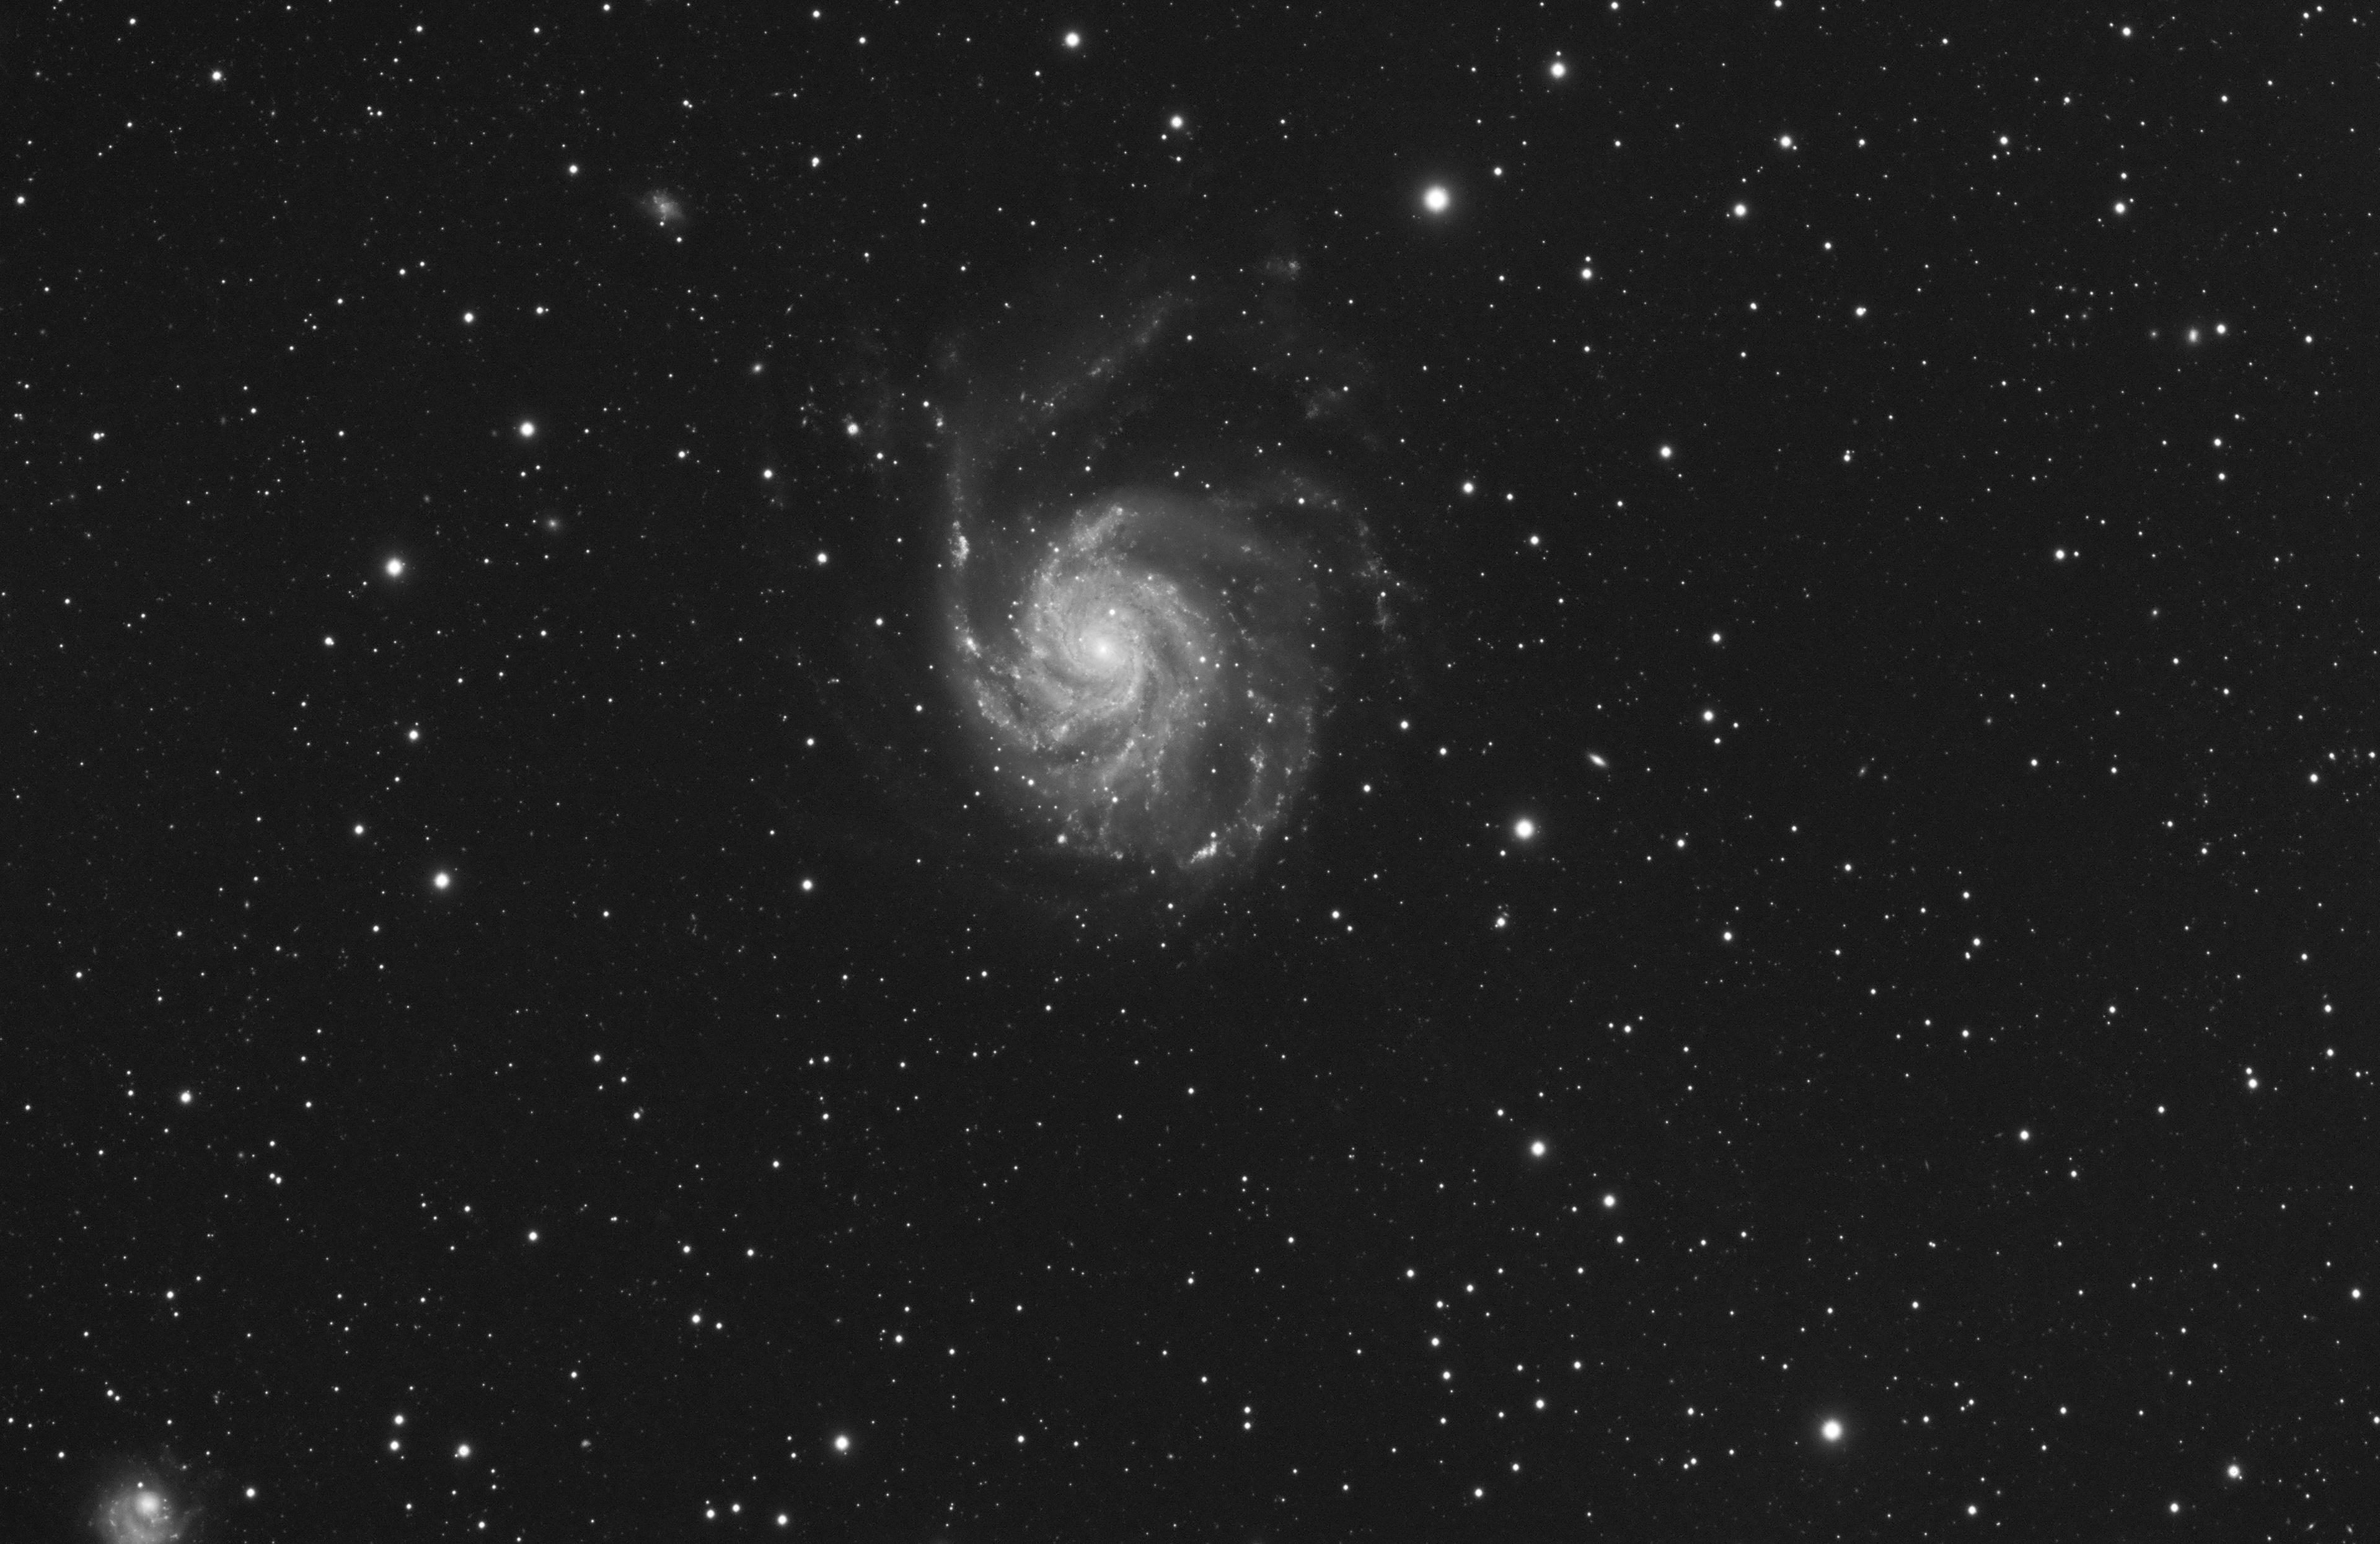 M101_FSQ106_F5_Altair183ProTec-15_60x120s.jpg